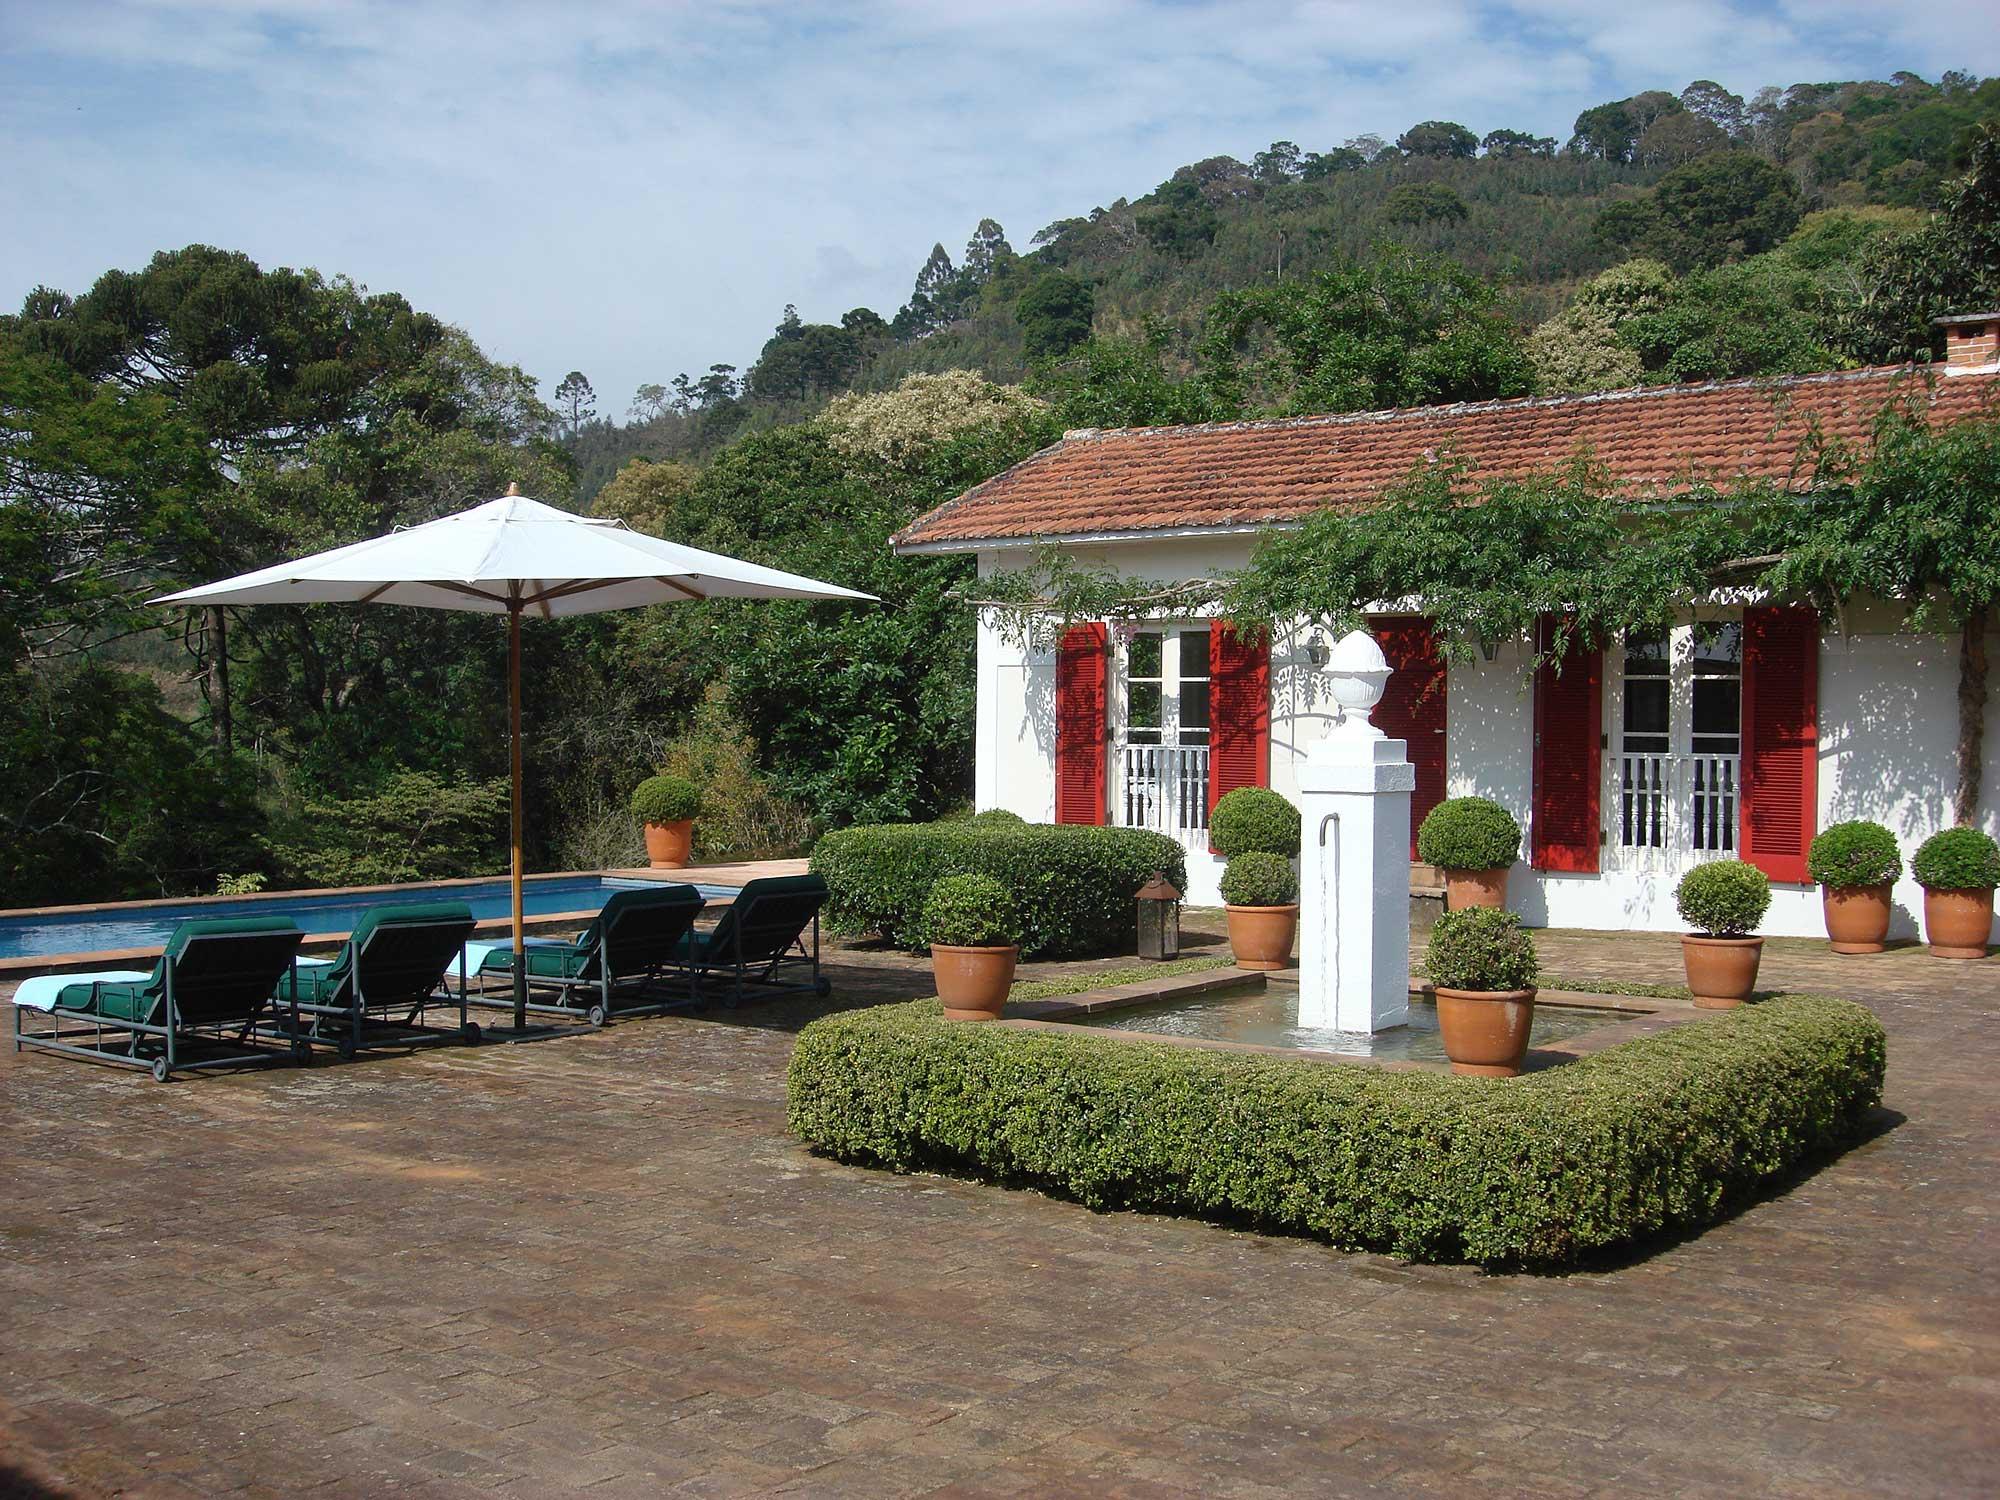 casa de campo fazenda colonial alberto lahos marco do carmo